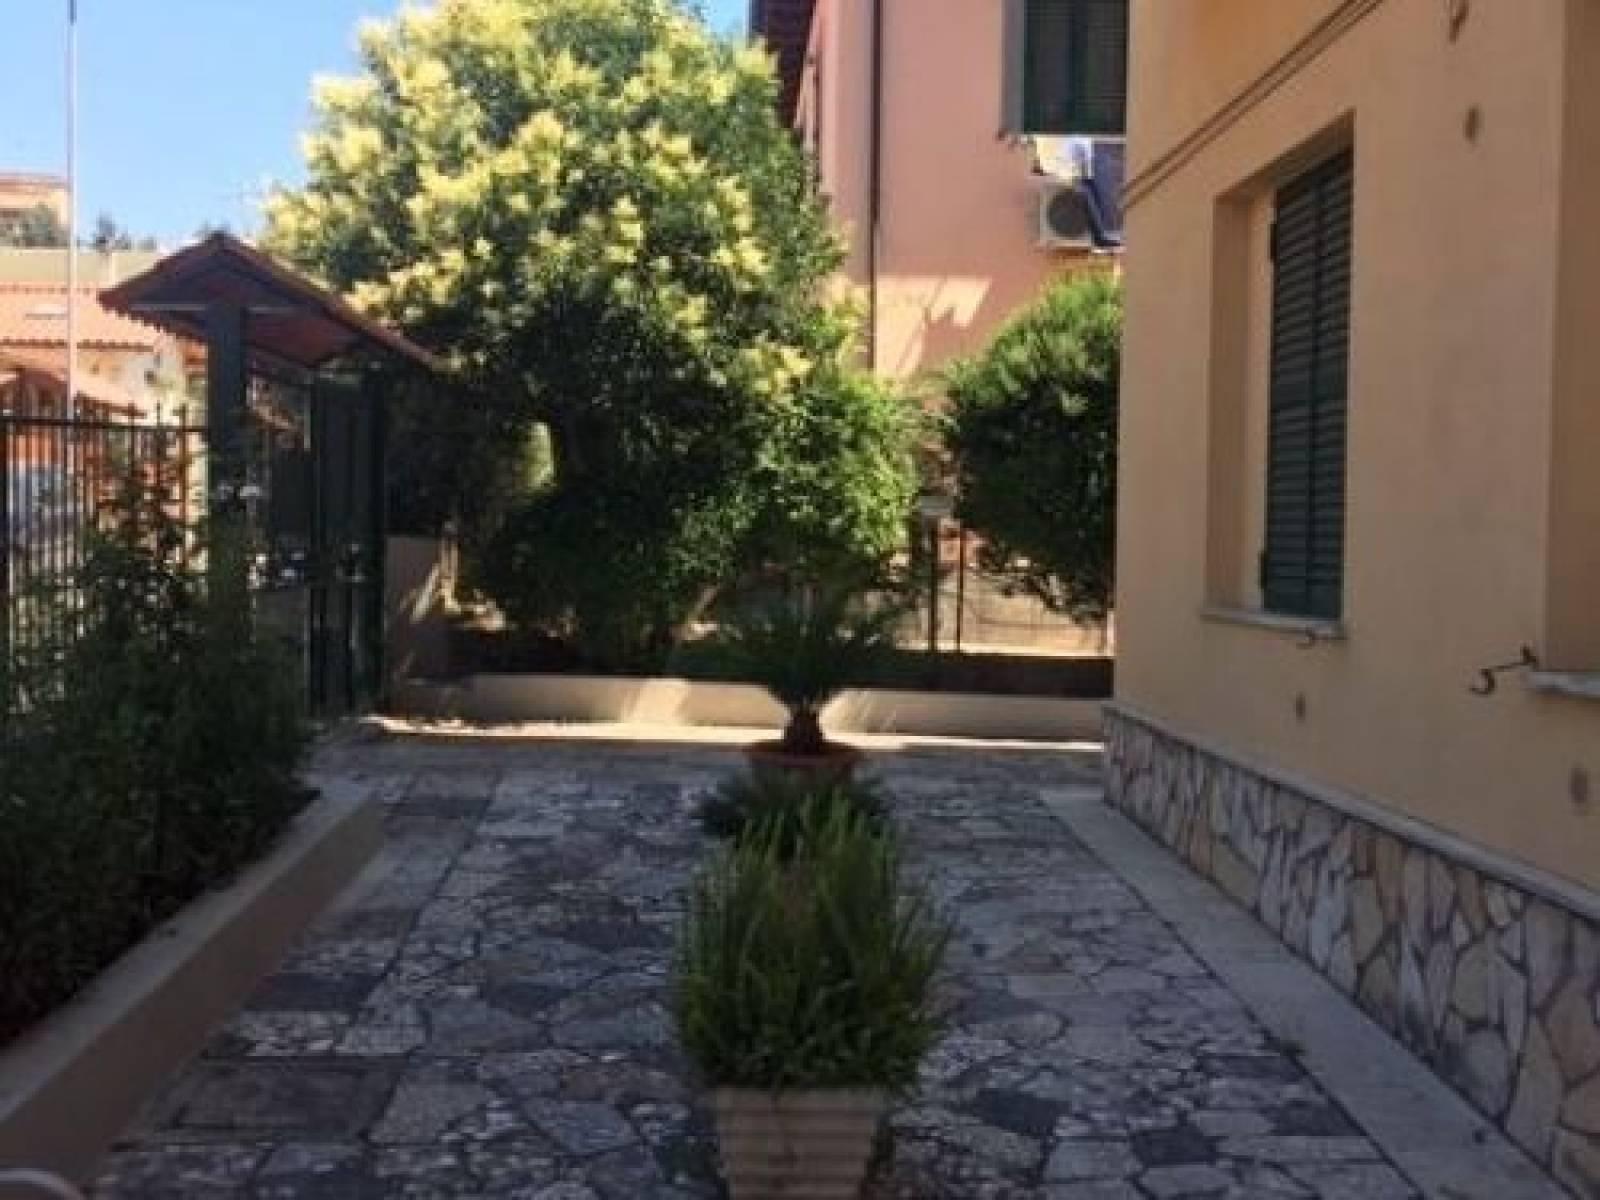 1118418556 Trilocale in Via Del Passero Solitario, Roma, Zona Torre Maura